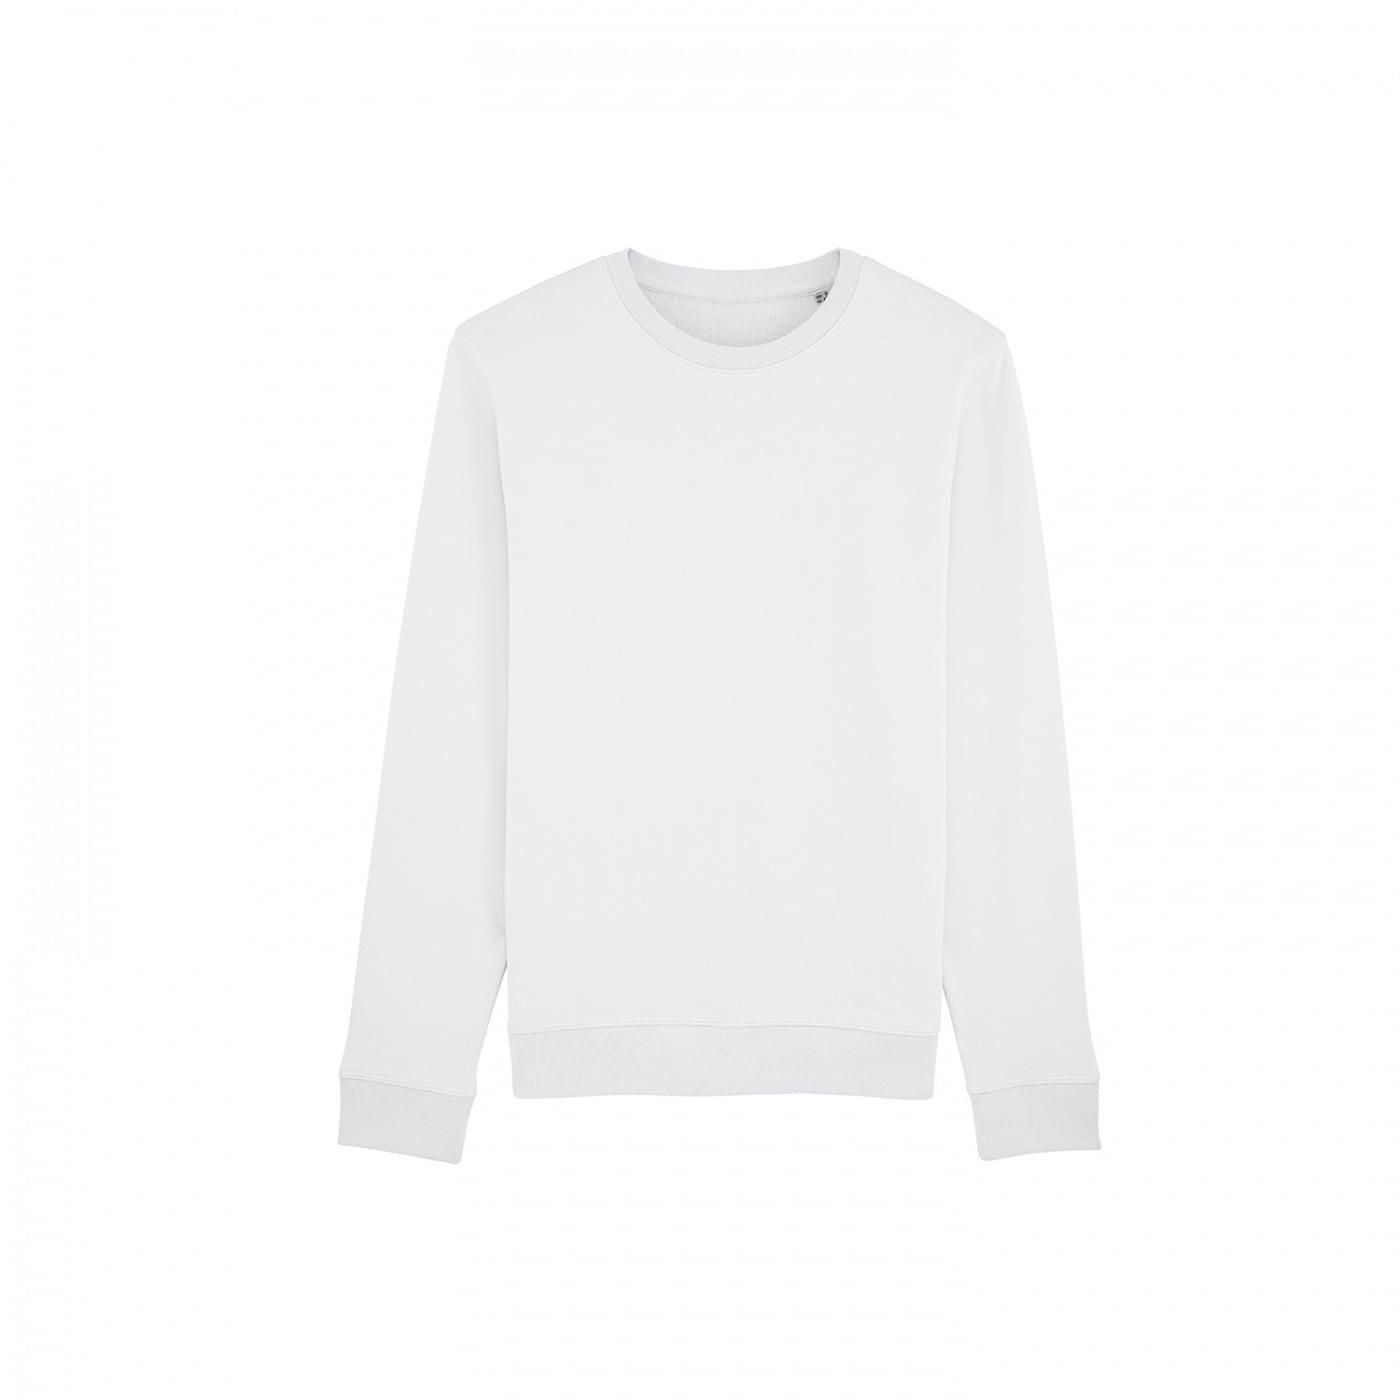 Bluzy - Bluza Crewneck Rise - Stanley/Stella STSU811 - White - RAVEN - koszulki reklamowe z nadrukiem, odzież reklamowa i gastronomiczna